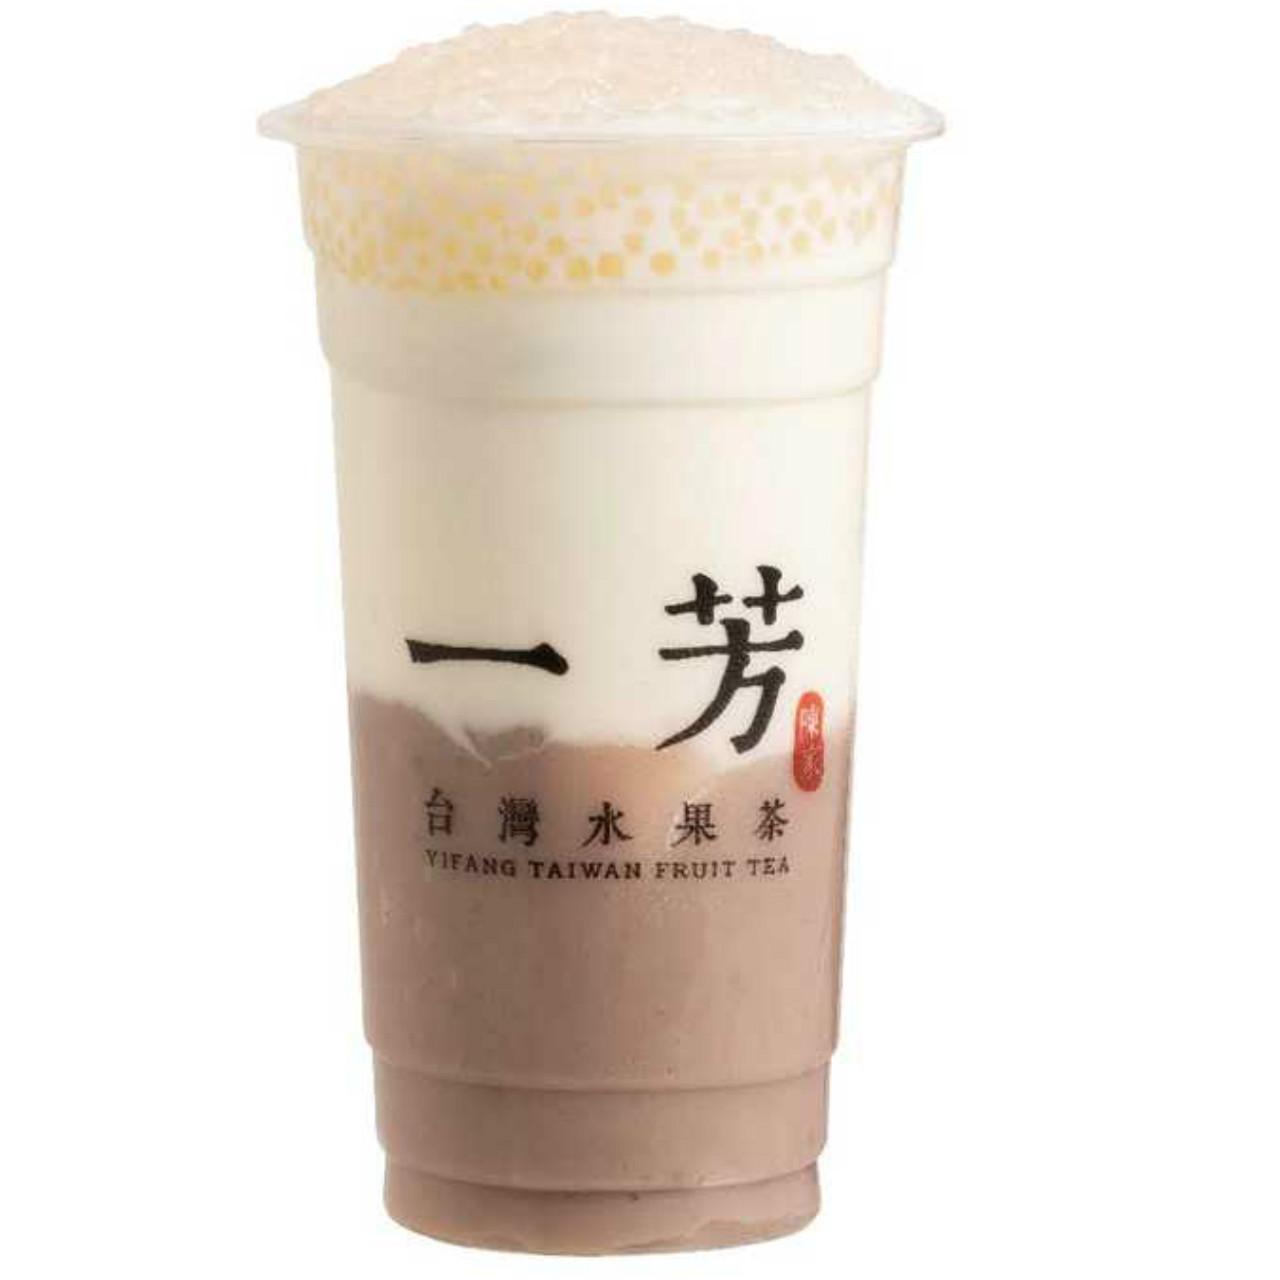 Sweet taro saga milk